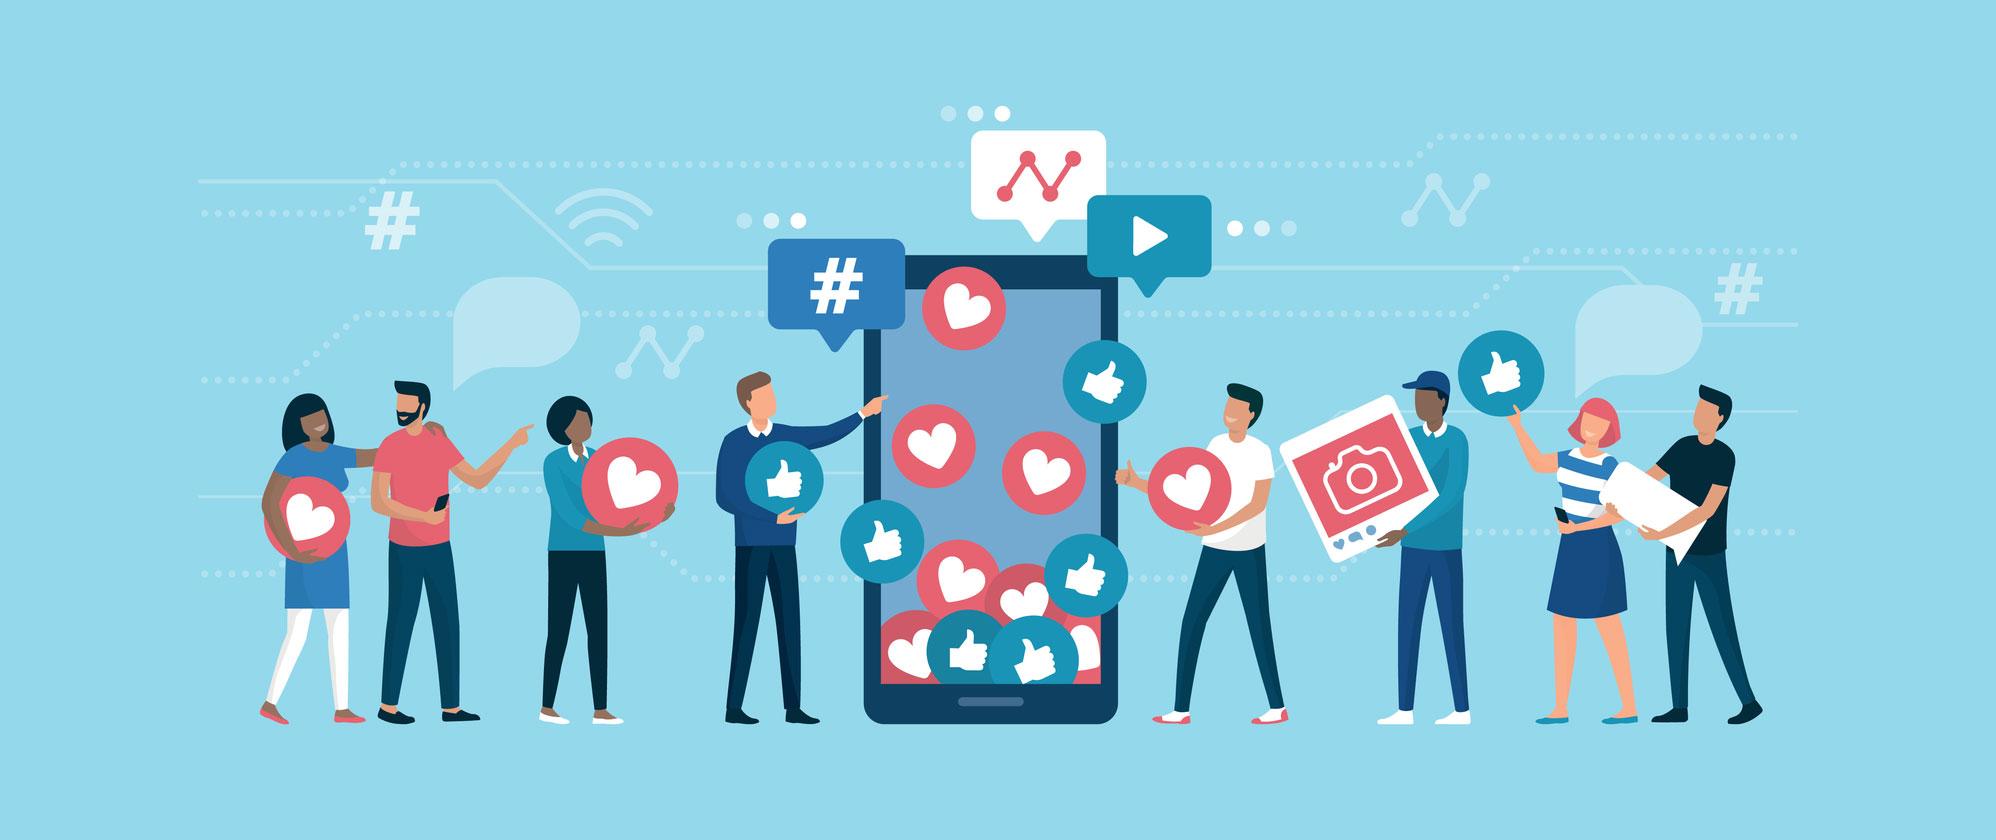 نقش شبکه های اجتماعی در سئو